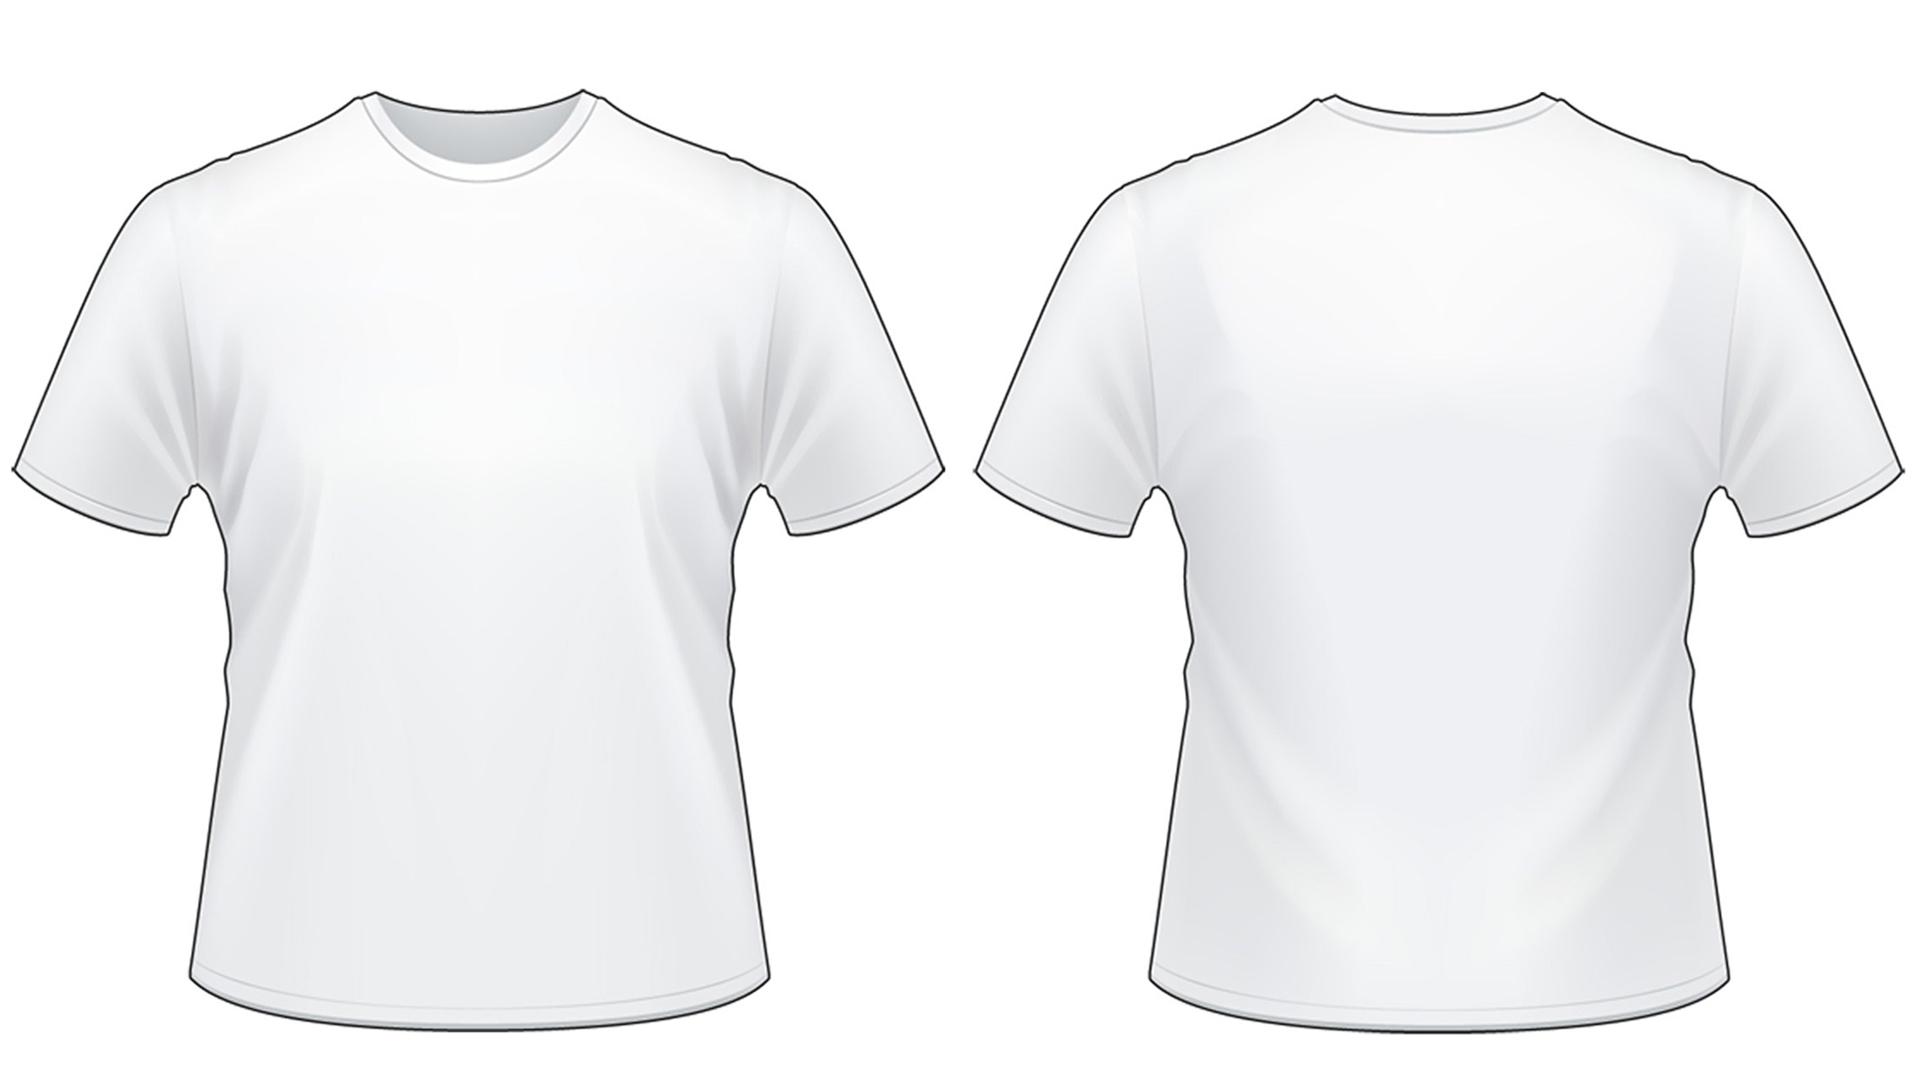 Blank Tshirt Template Worksheet In